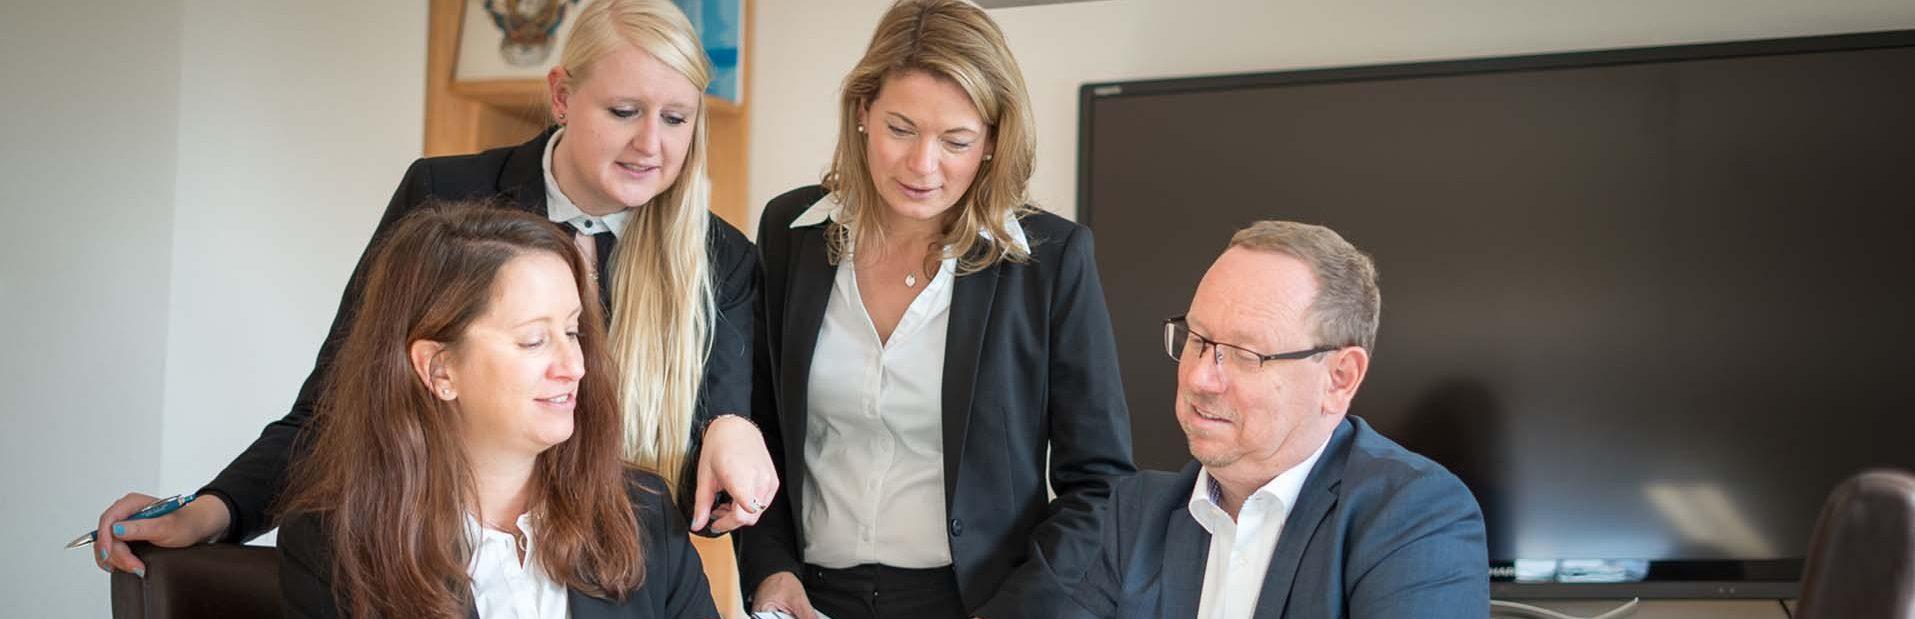 Seeliger & Co. GmbH - betriebliche Altersvorsorge